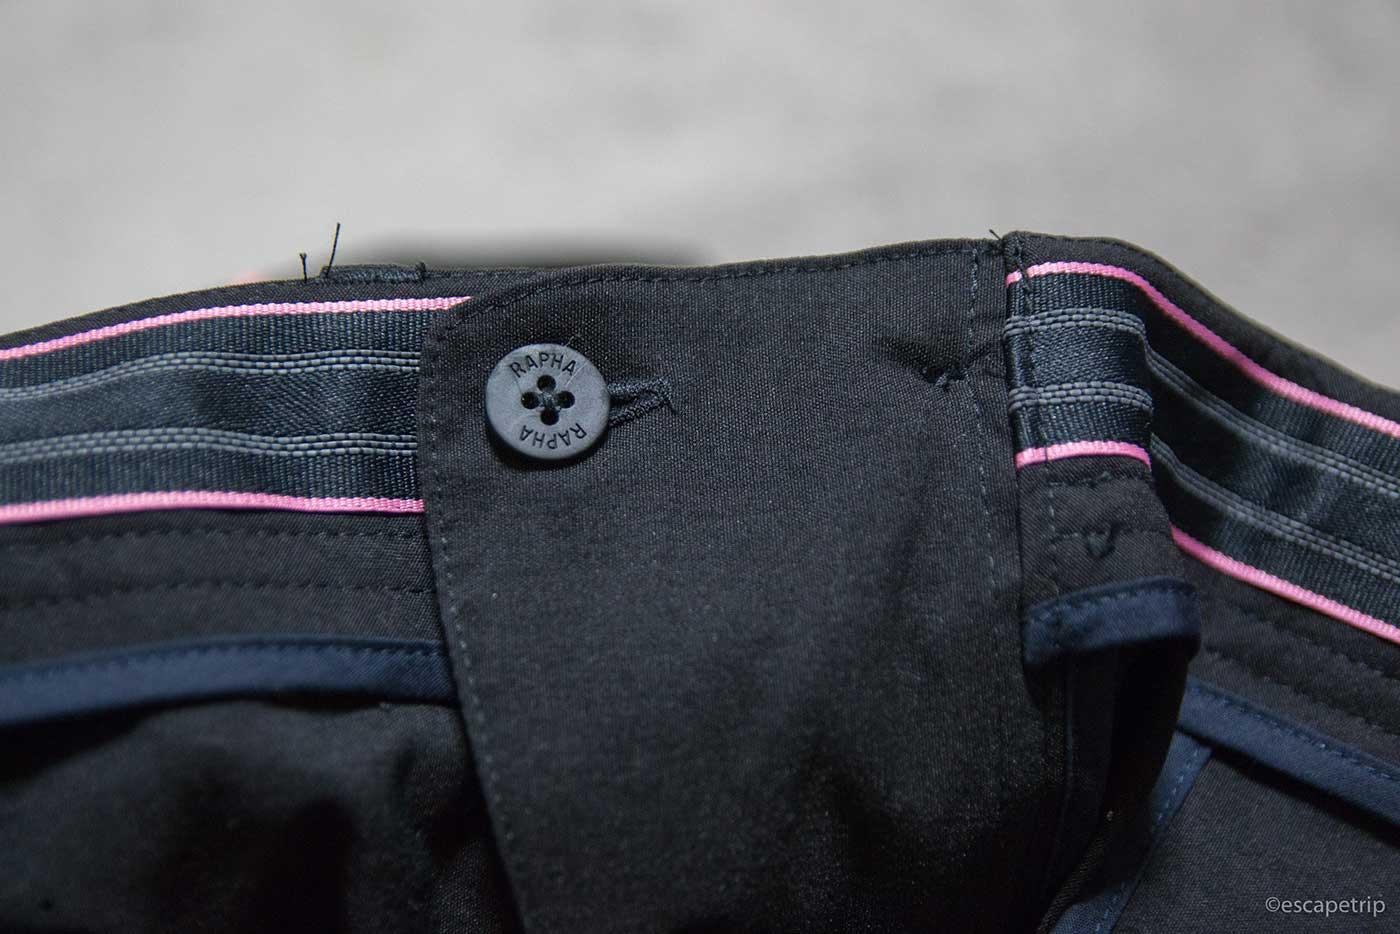 ラファの短パン「Randonnee Shorts」のウエスト